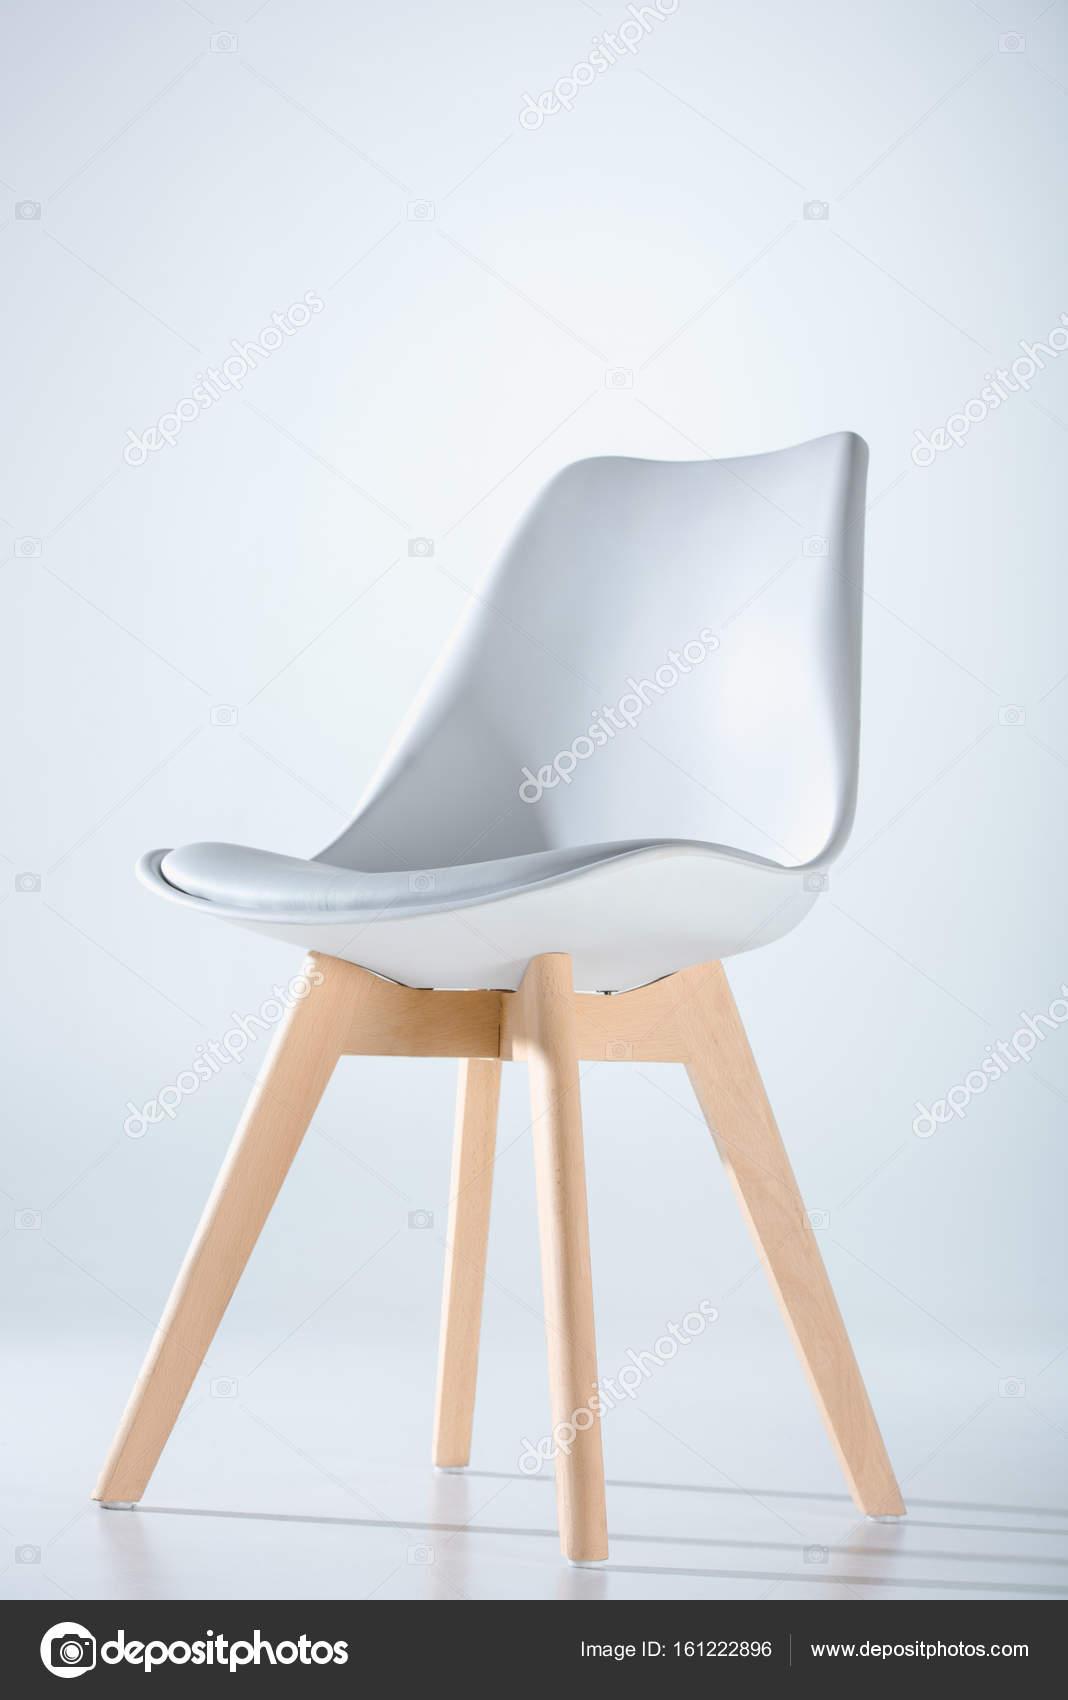 Stuhl Mit Weißer Spitze Und Holz Beine — Stockfoto